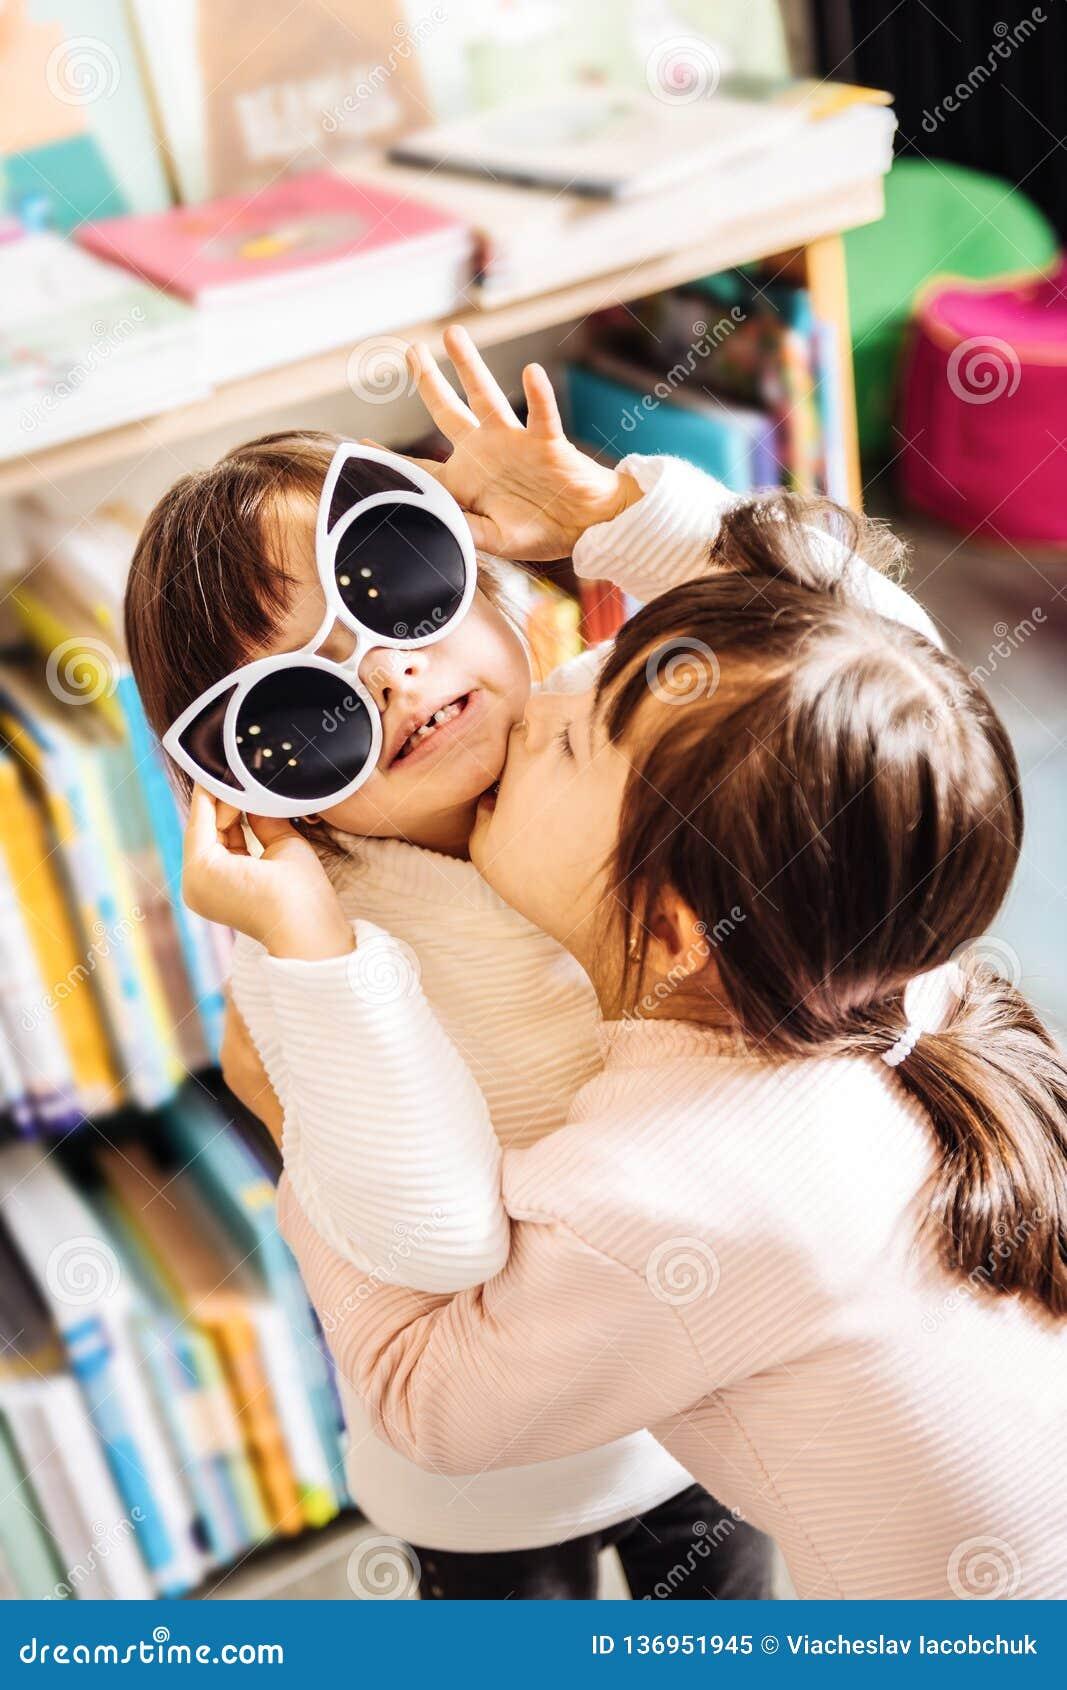 Jumeaux aux cheveux foncés affectueux mignons étreignant et s embrassant